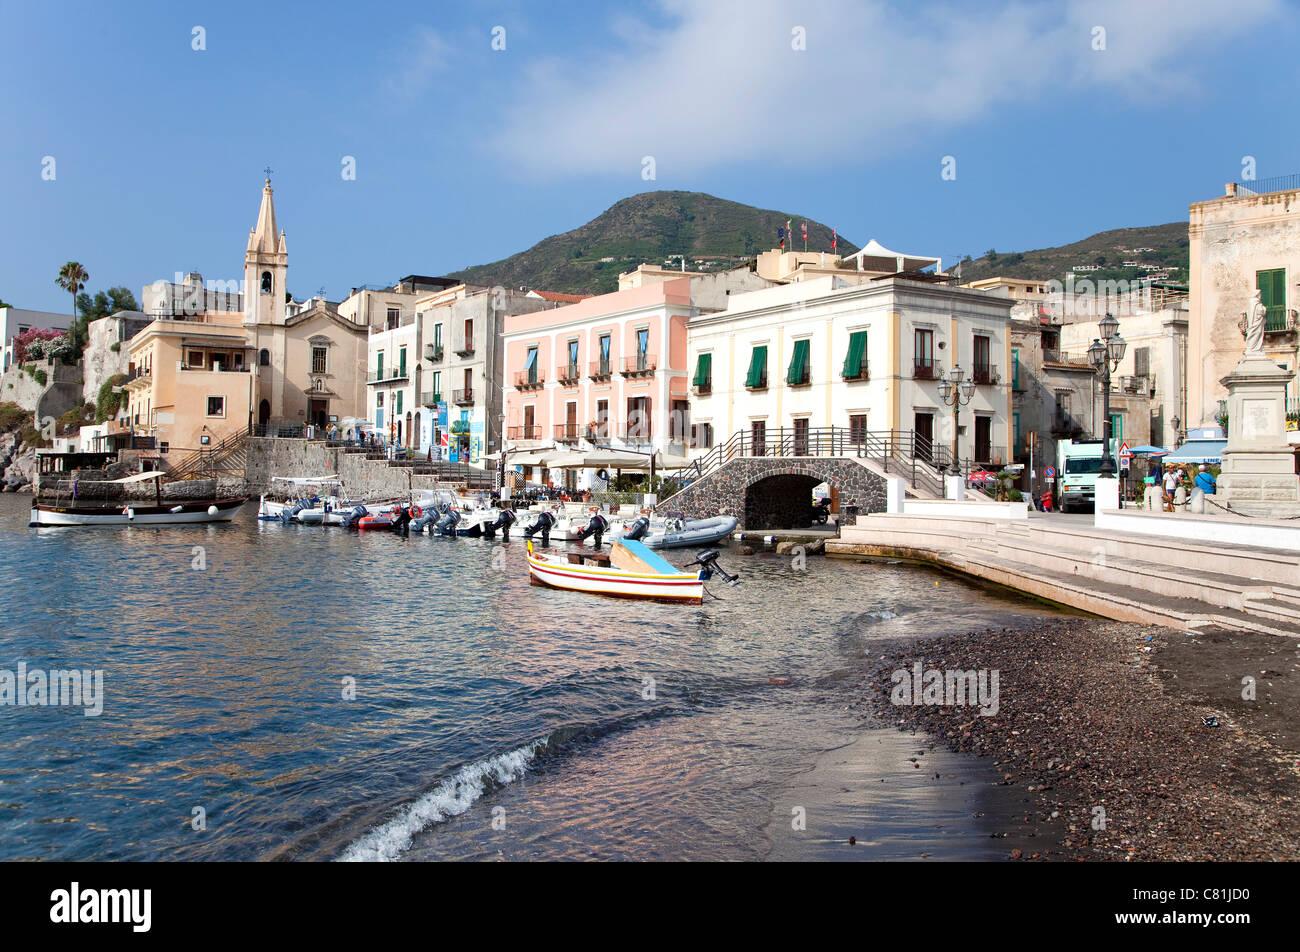 Vista del piccolo villaggio di pescatori di Lipari, Eolie, isole Eolie, in Sicilia, Sicilia, Italia Immagini Stock